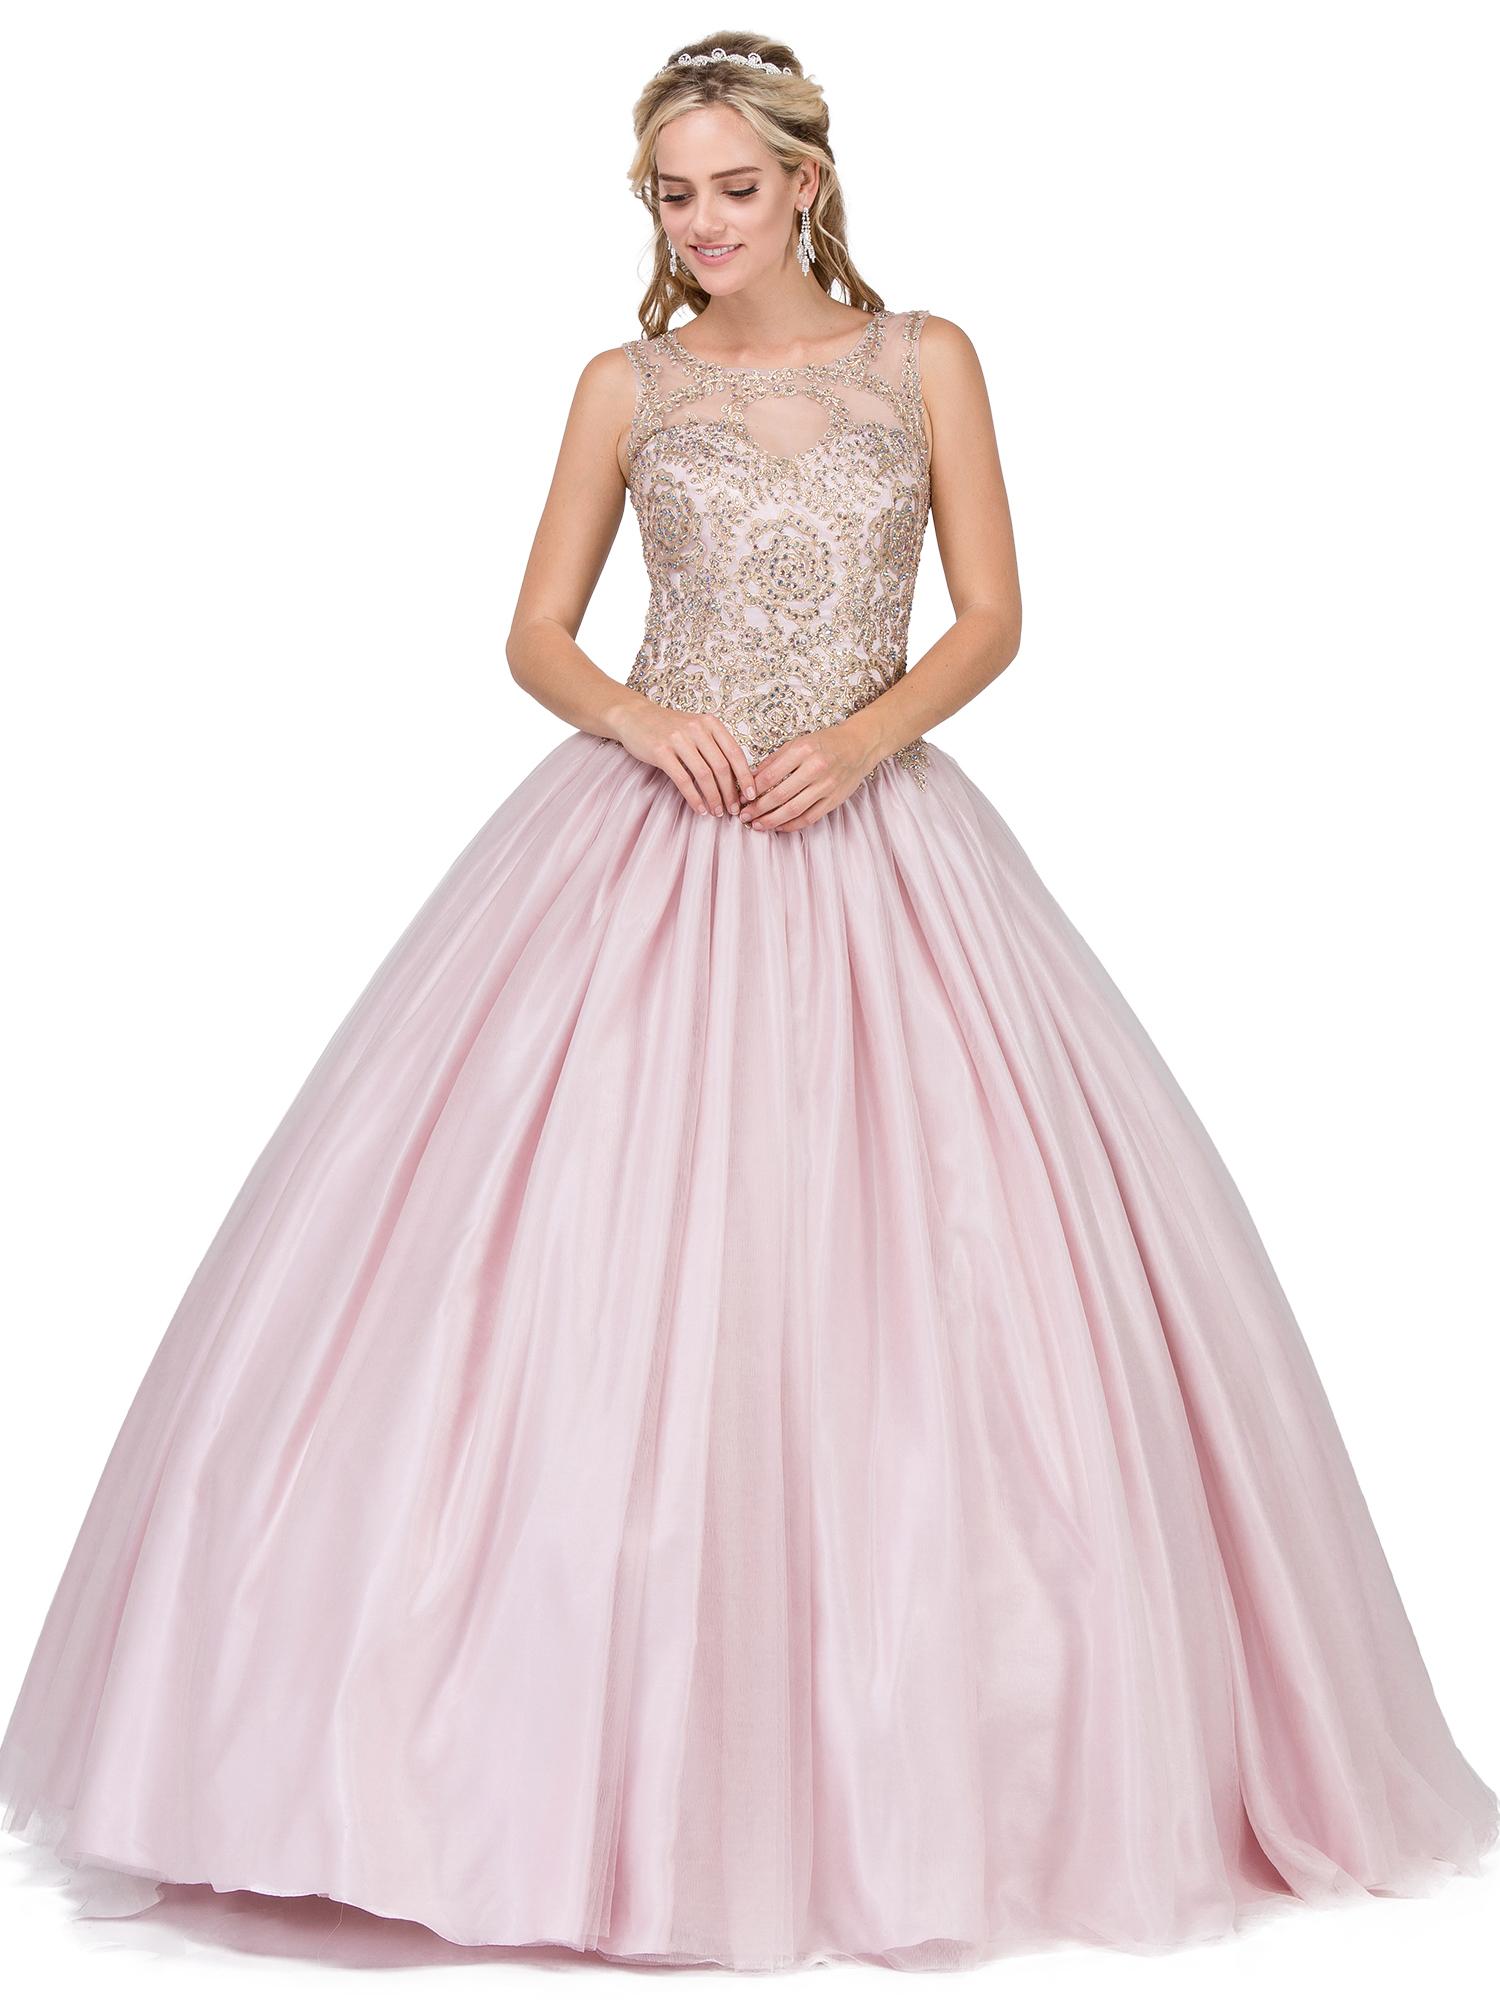 vestido rosa quince años star dance